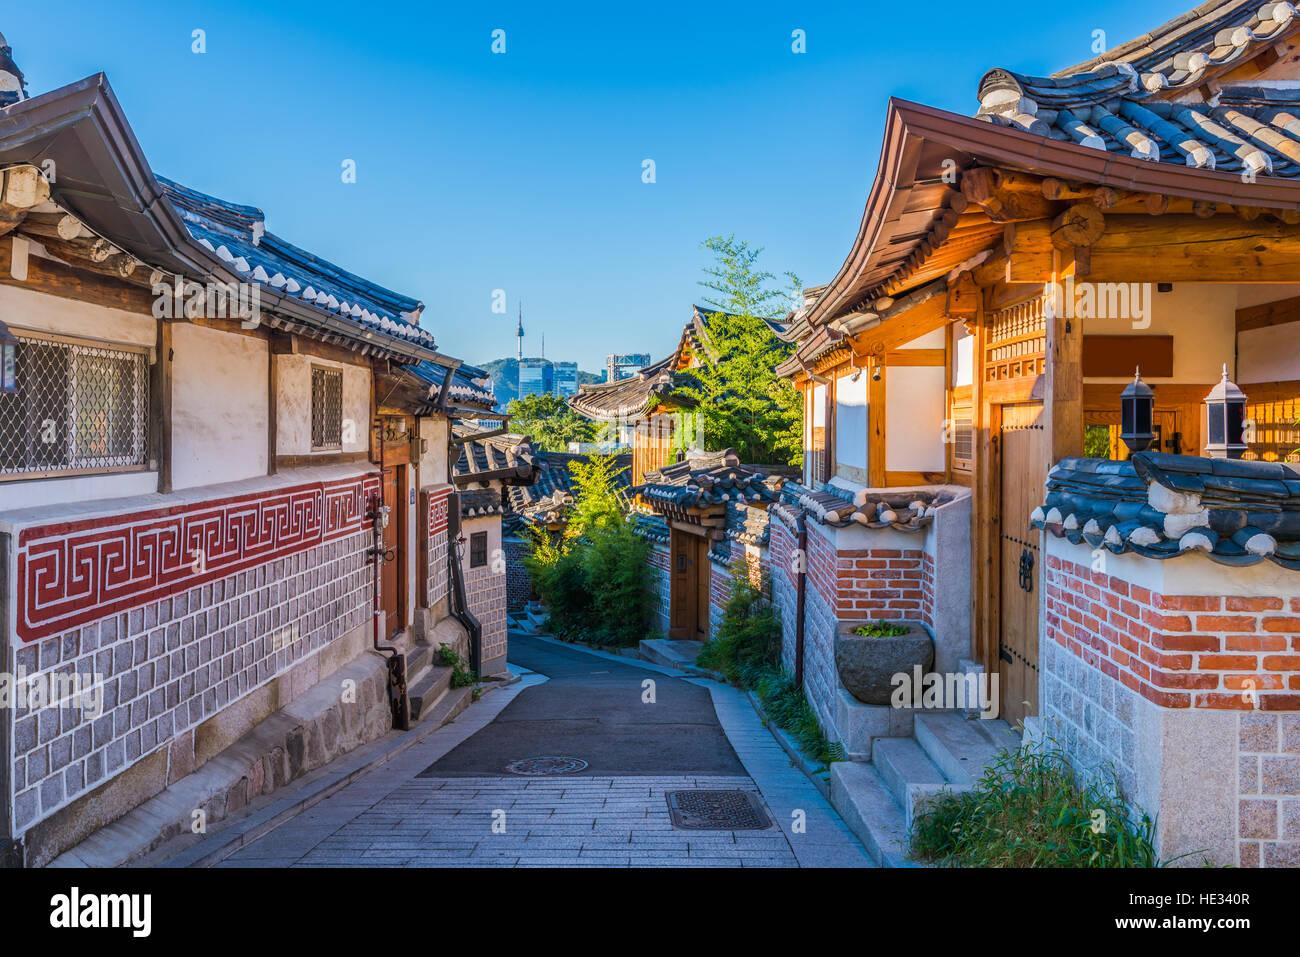 El pueblo de Bukchon Hanok en Seúl, Corea del Sur. Imagen De Stock